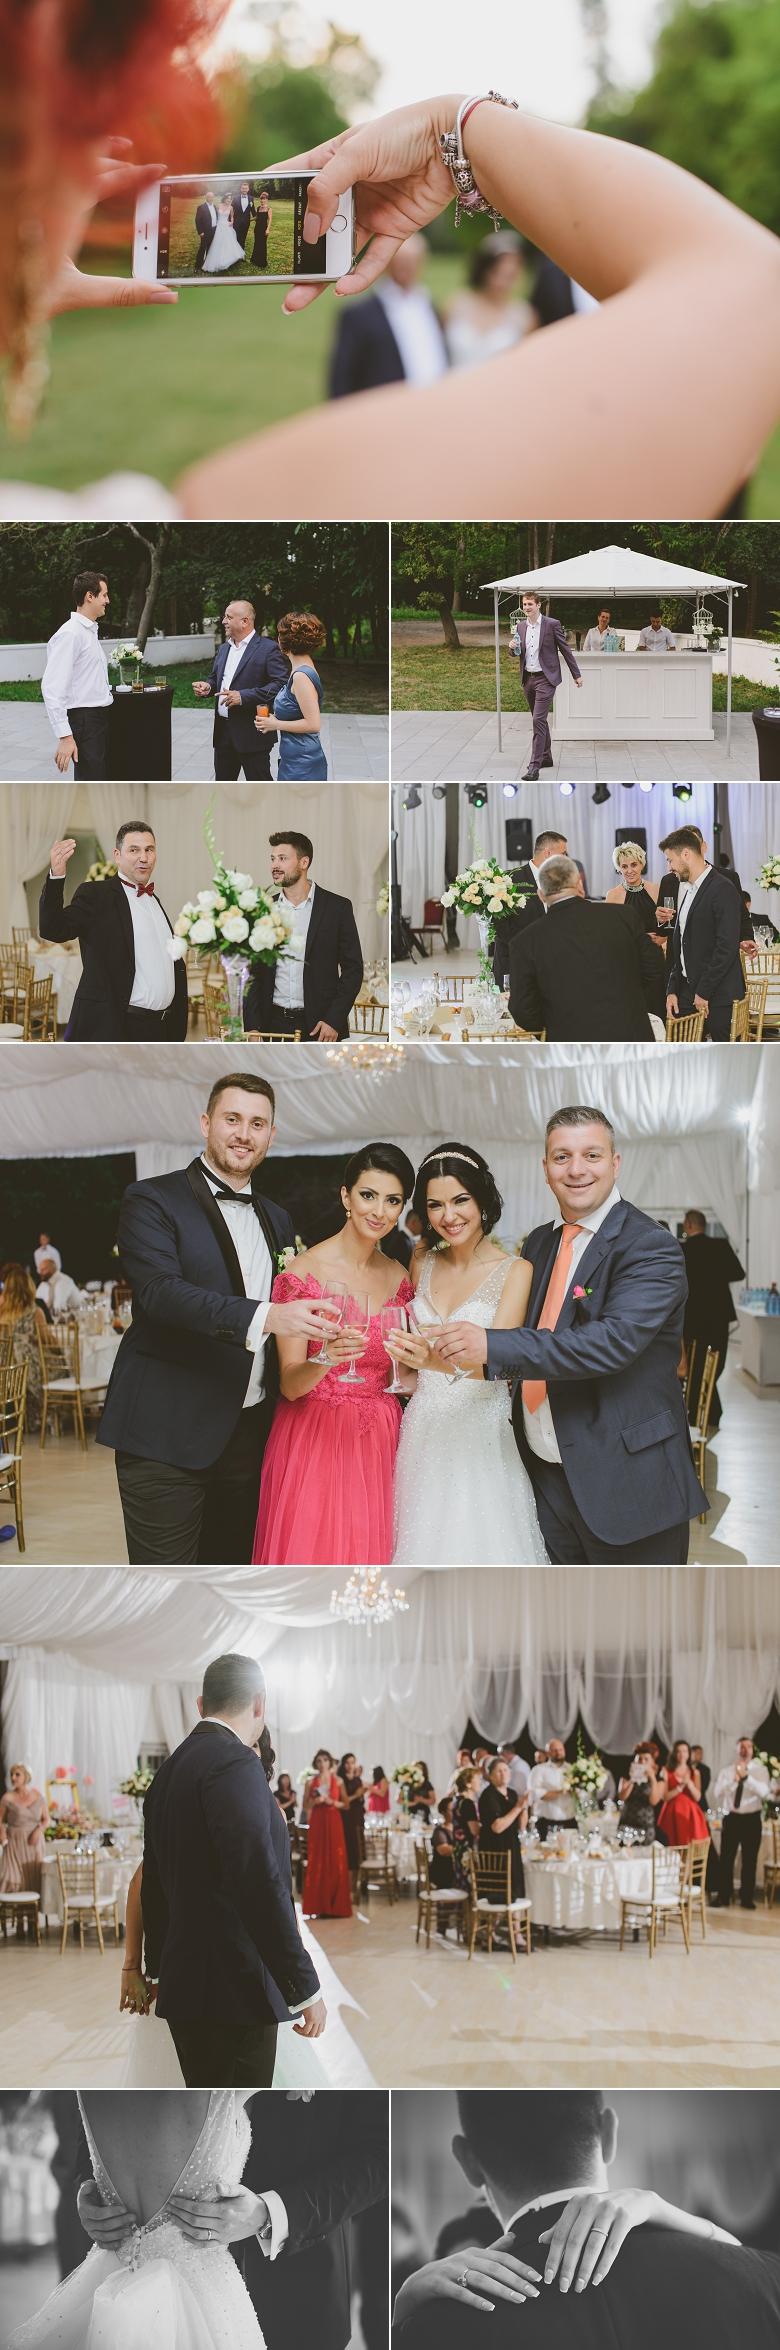 poze_nunta_palatul_stribei_fotograf_nunta_stirbei_fotografii_nunta_domeniul_stribei_buftea 13